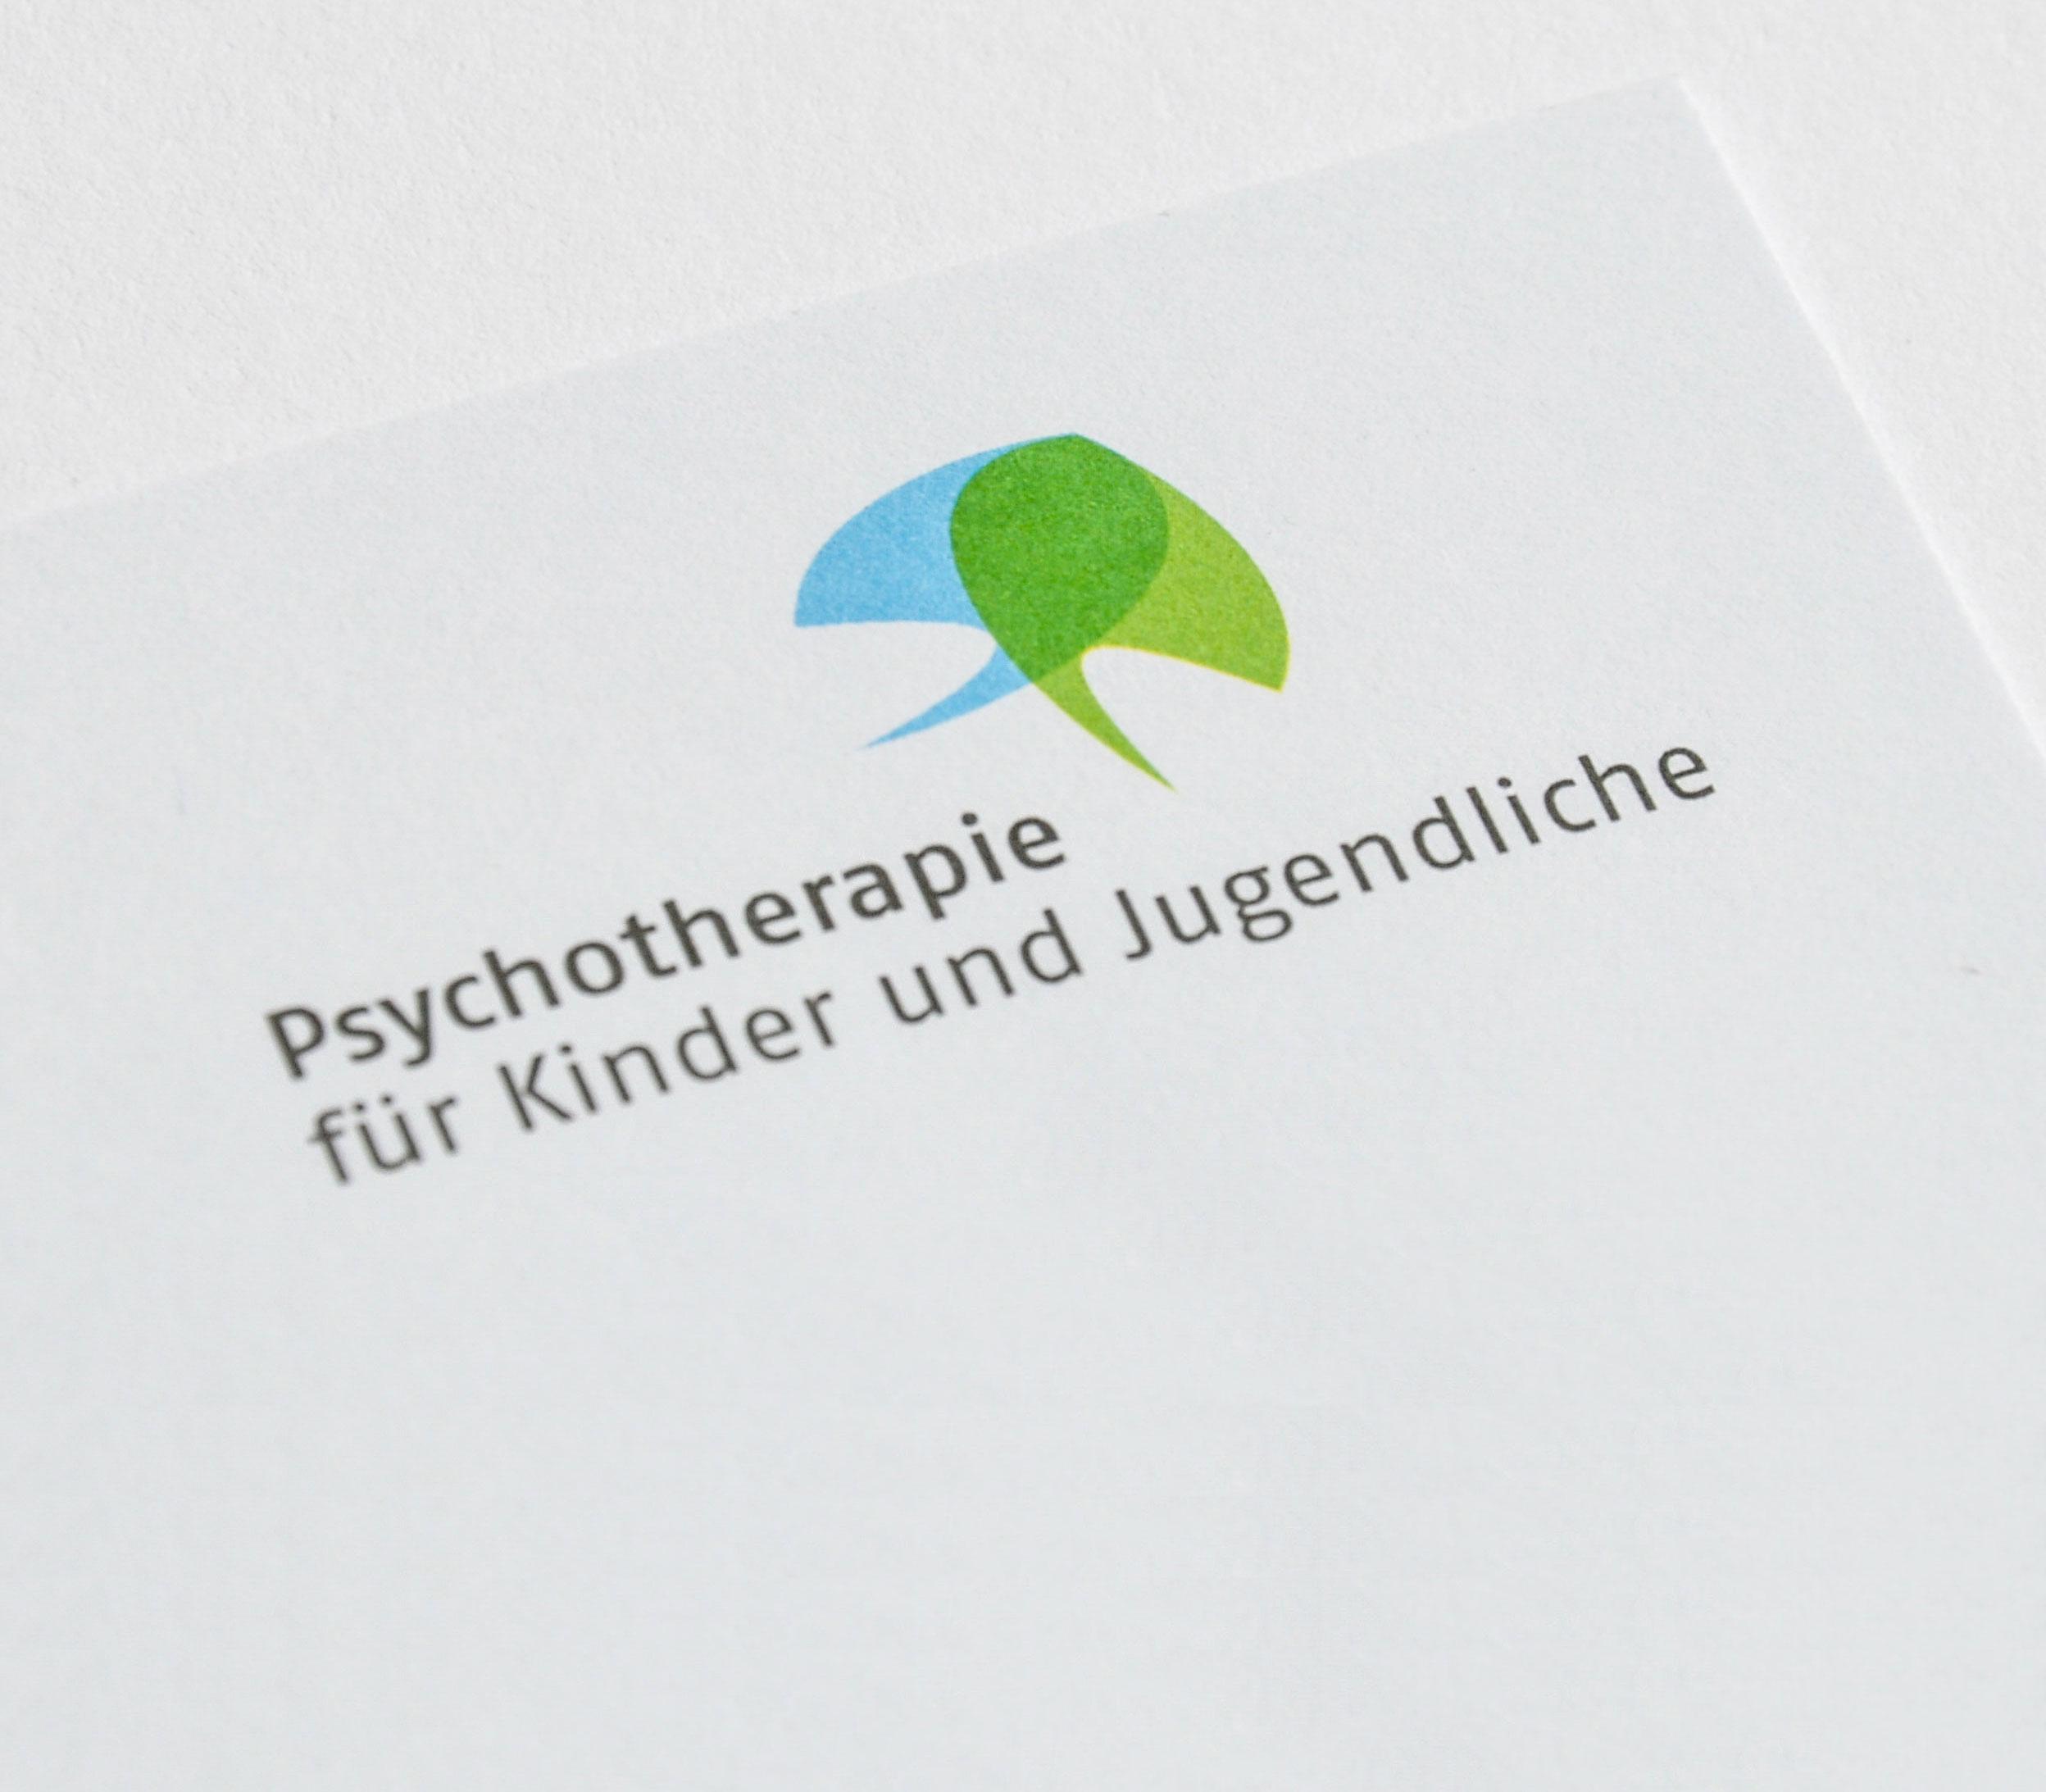 Psychotherapie Für Kinder Und Jugendliche Dreigrafik Gbr